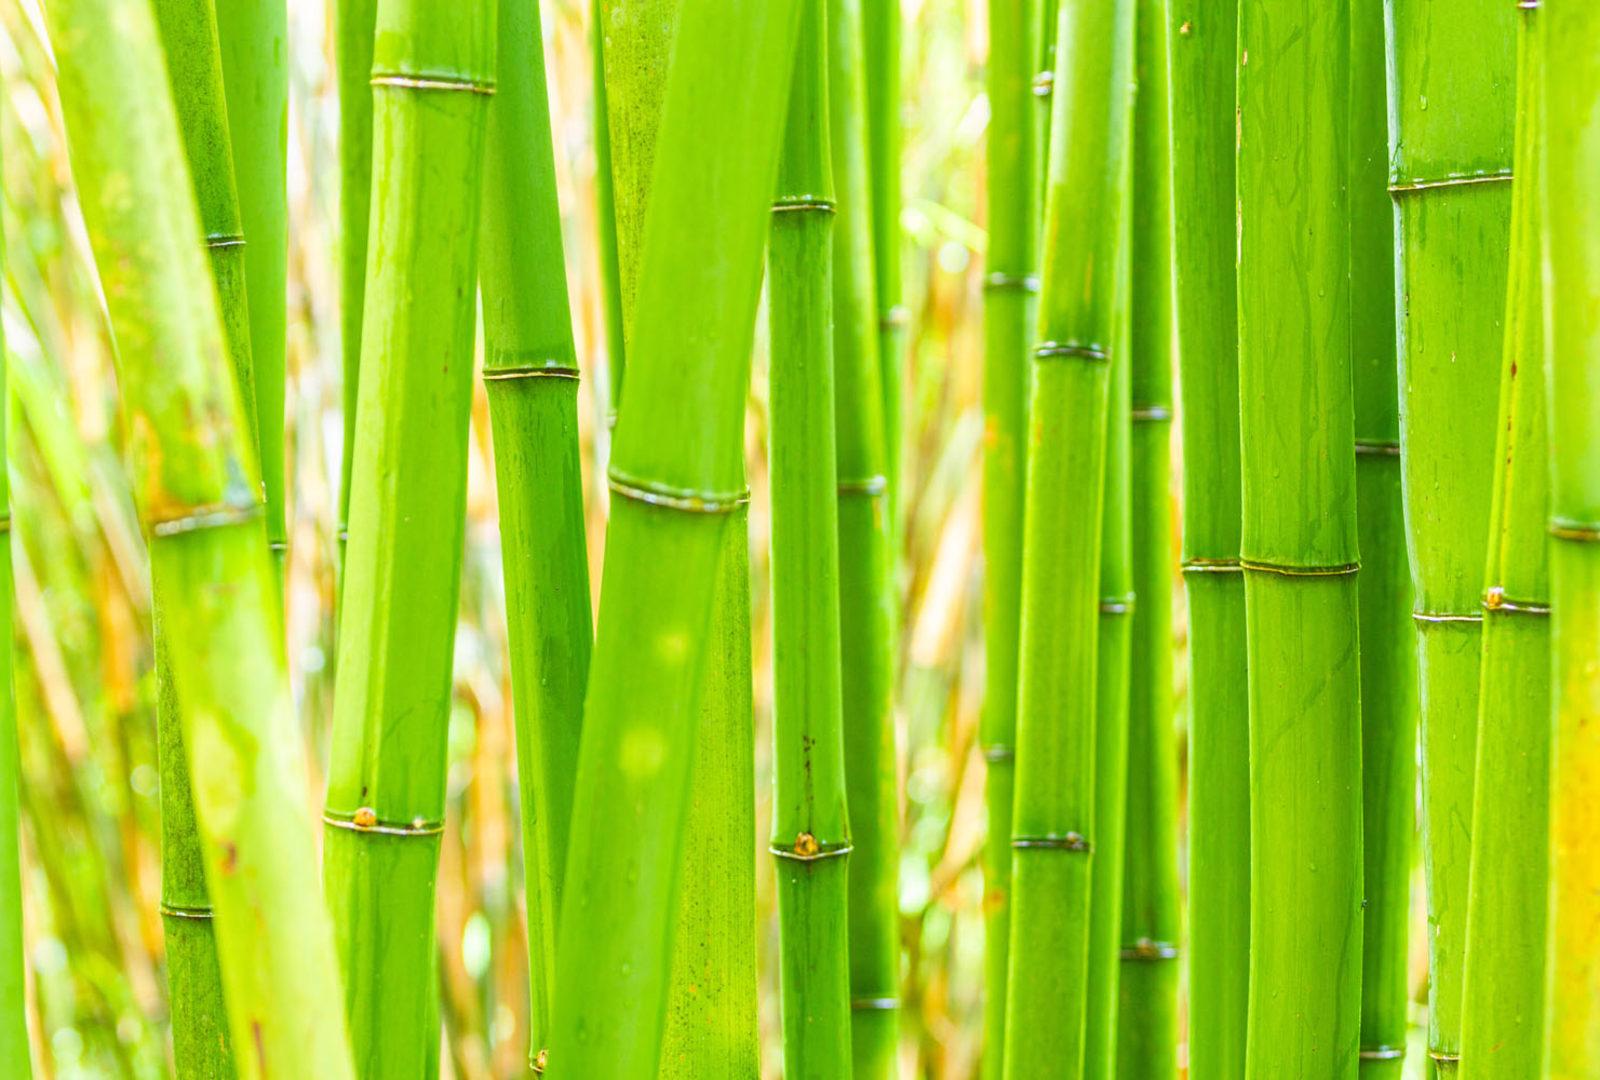 Phyllostachys bambusoides bamboo at trebah